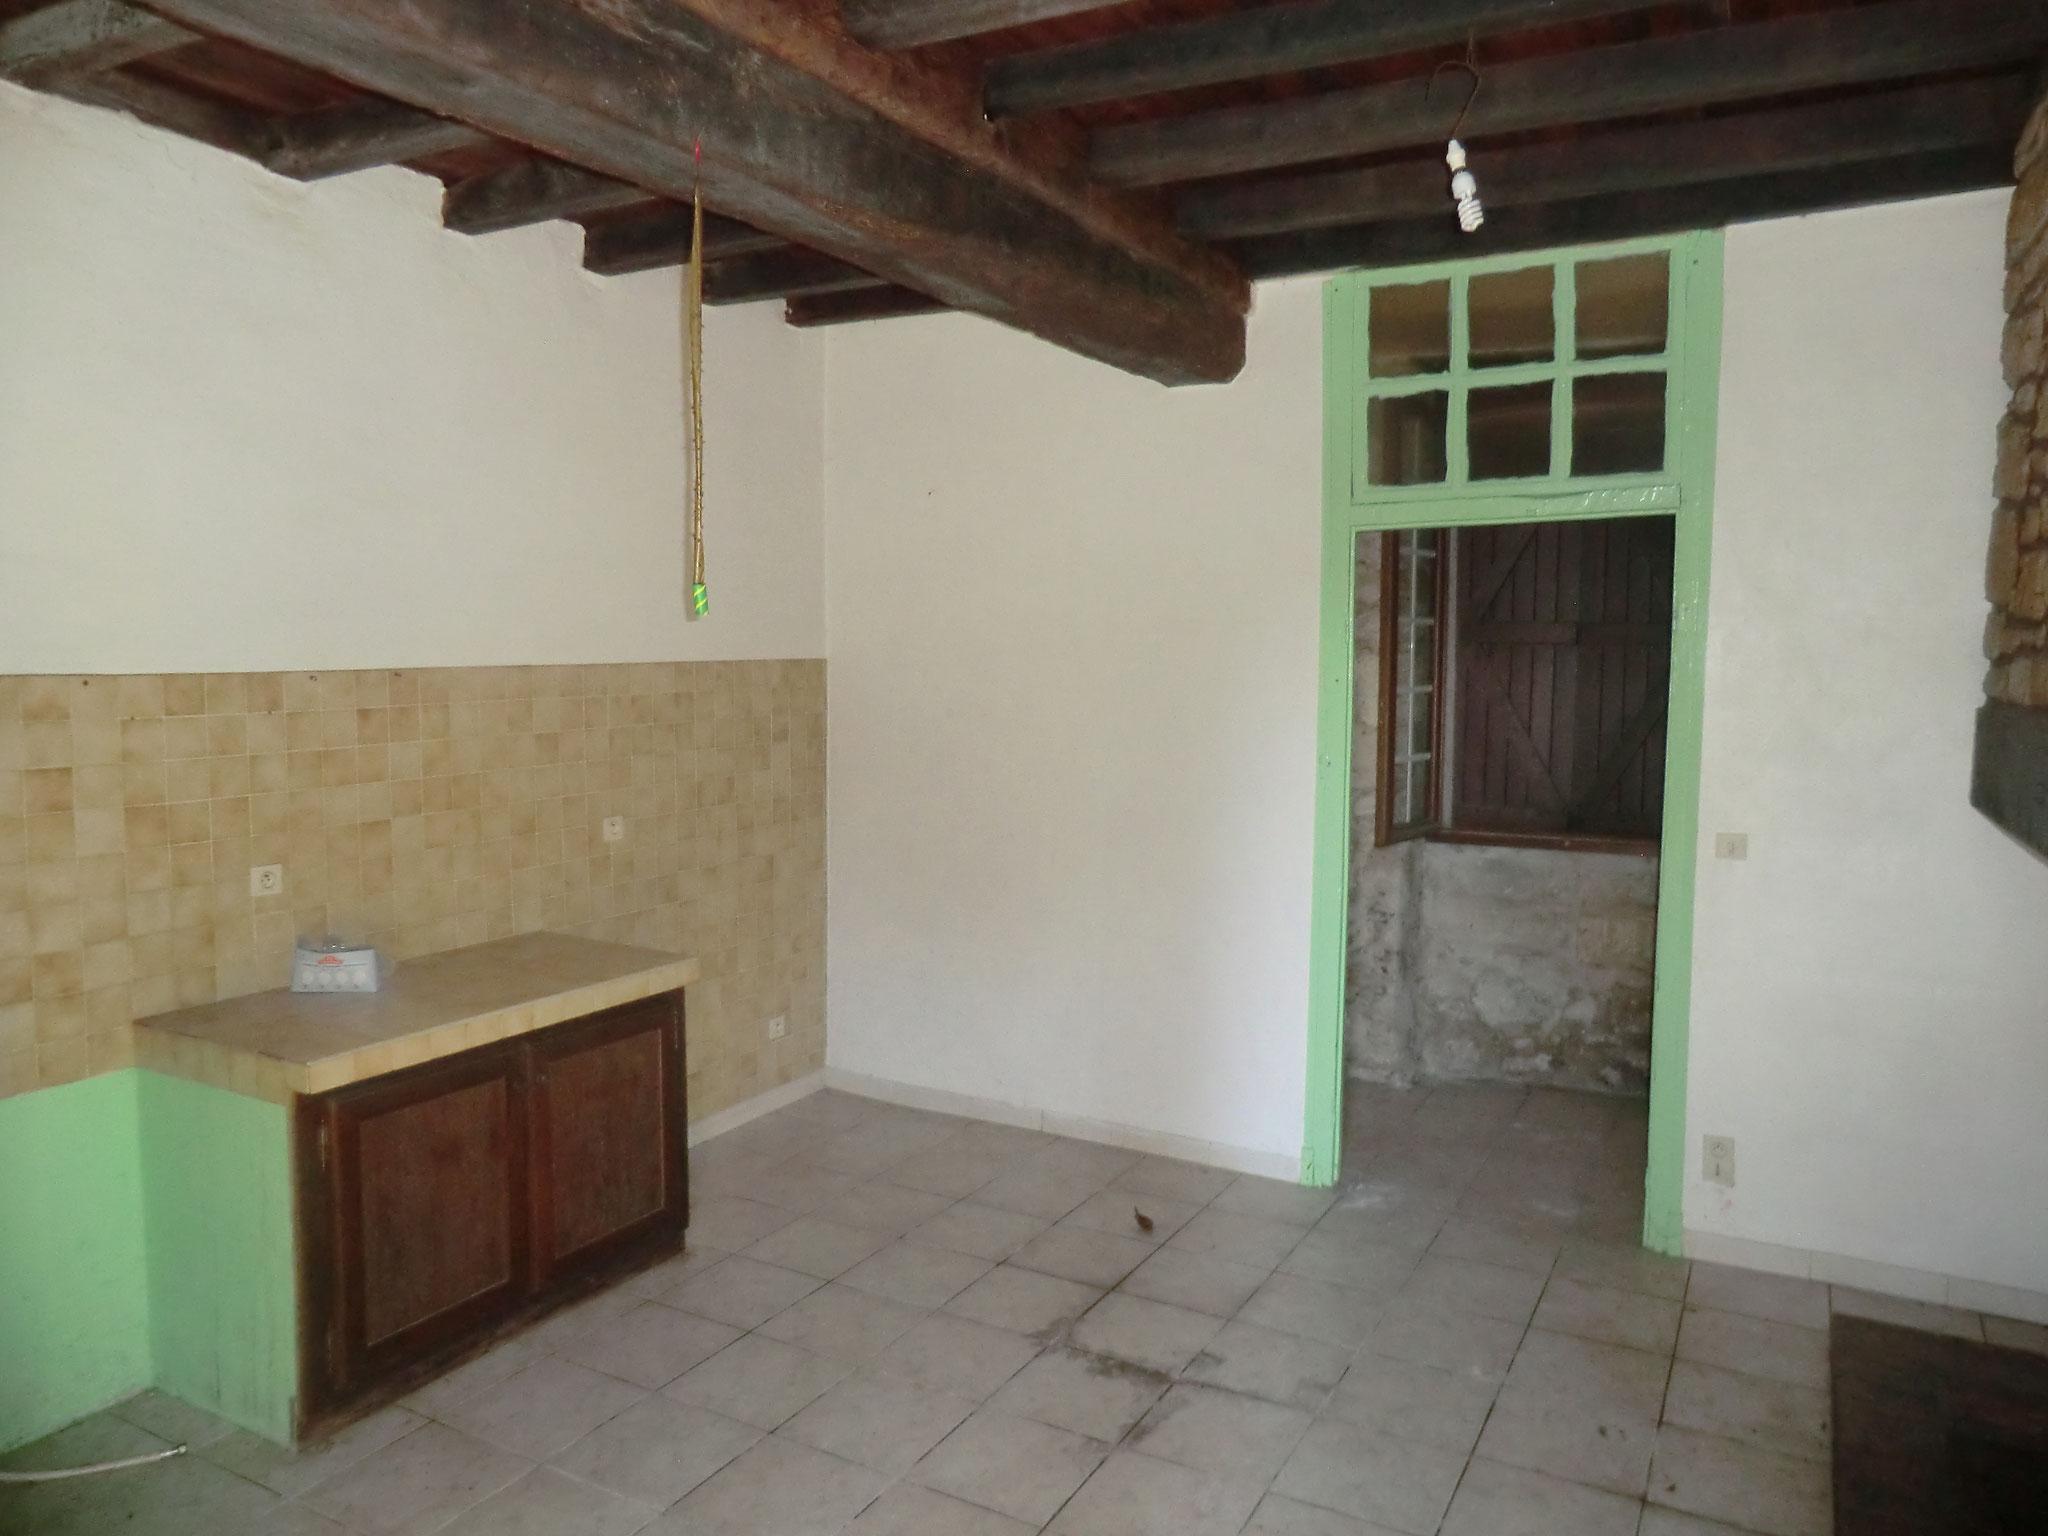 état initial de l'ancienne cuisine (suppression de la cloison en briques)